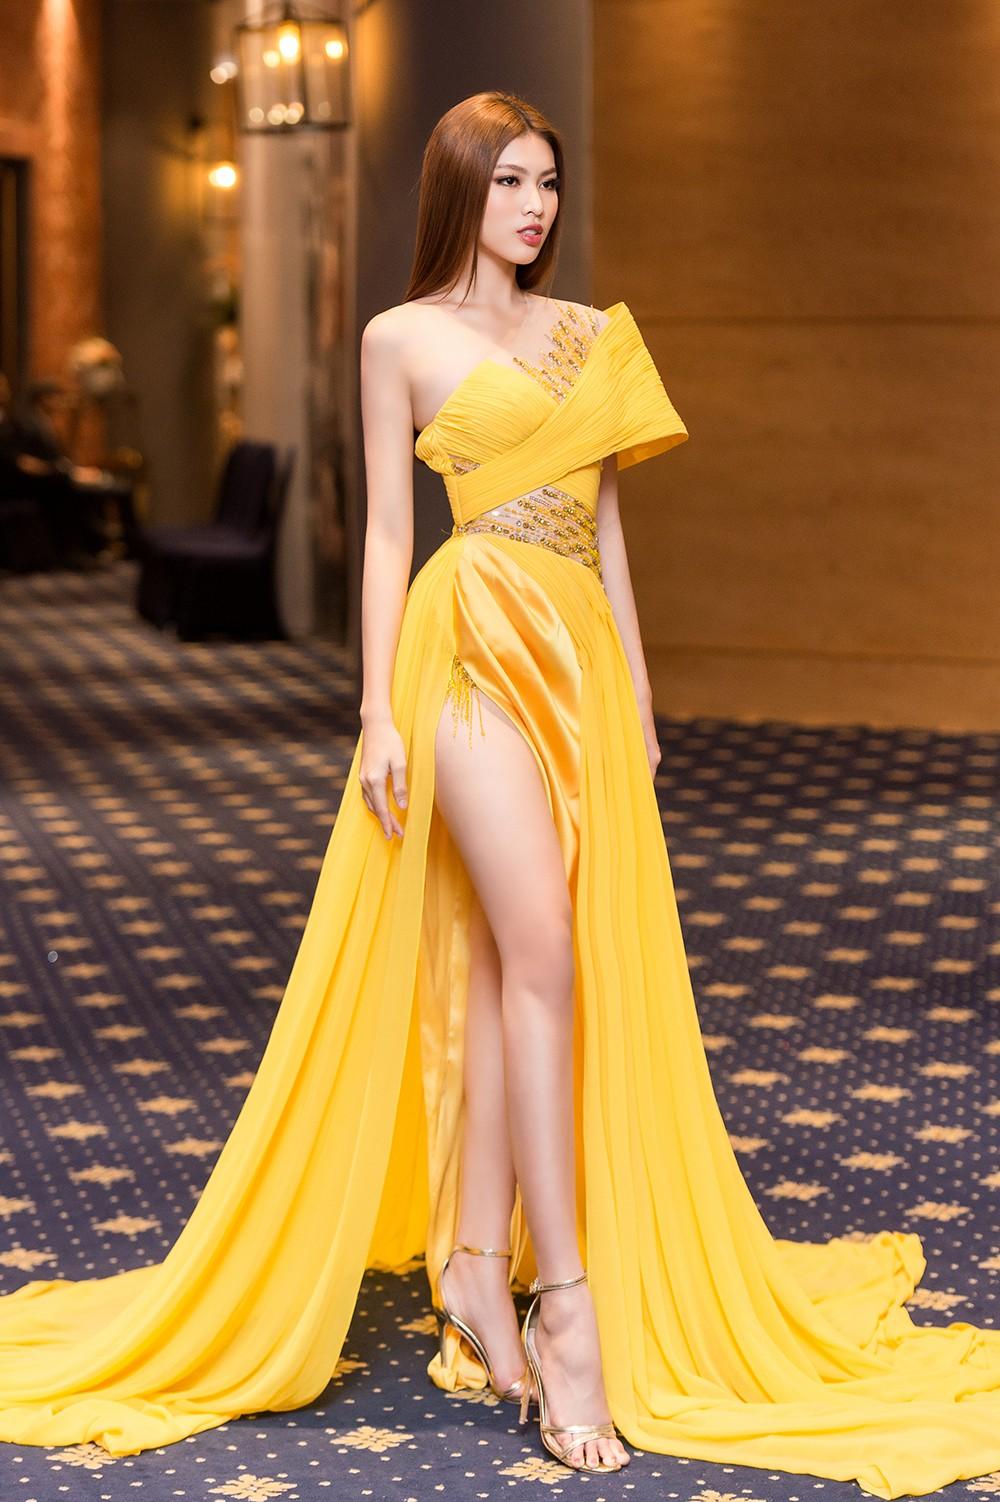 Á hậu Ngọc Thảo diện váy vàng rực khoe chân dài 1m11 cùng trình catwalk 'đỉnh cao' ảnh 10